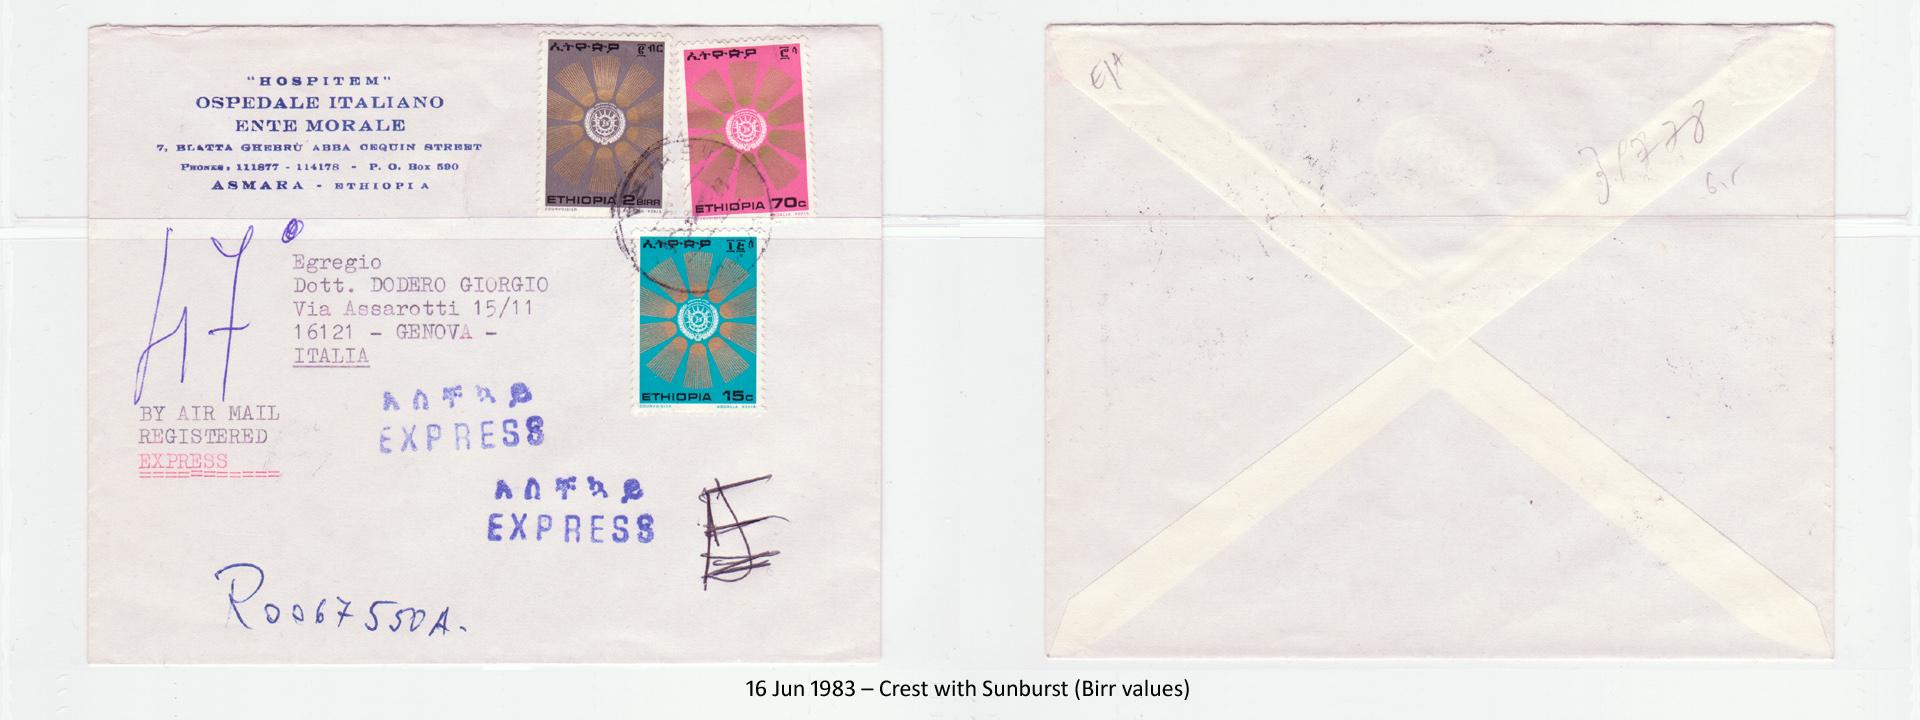 19760913c - Crest with Sunburst (Birr values)